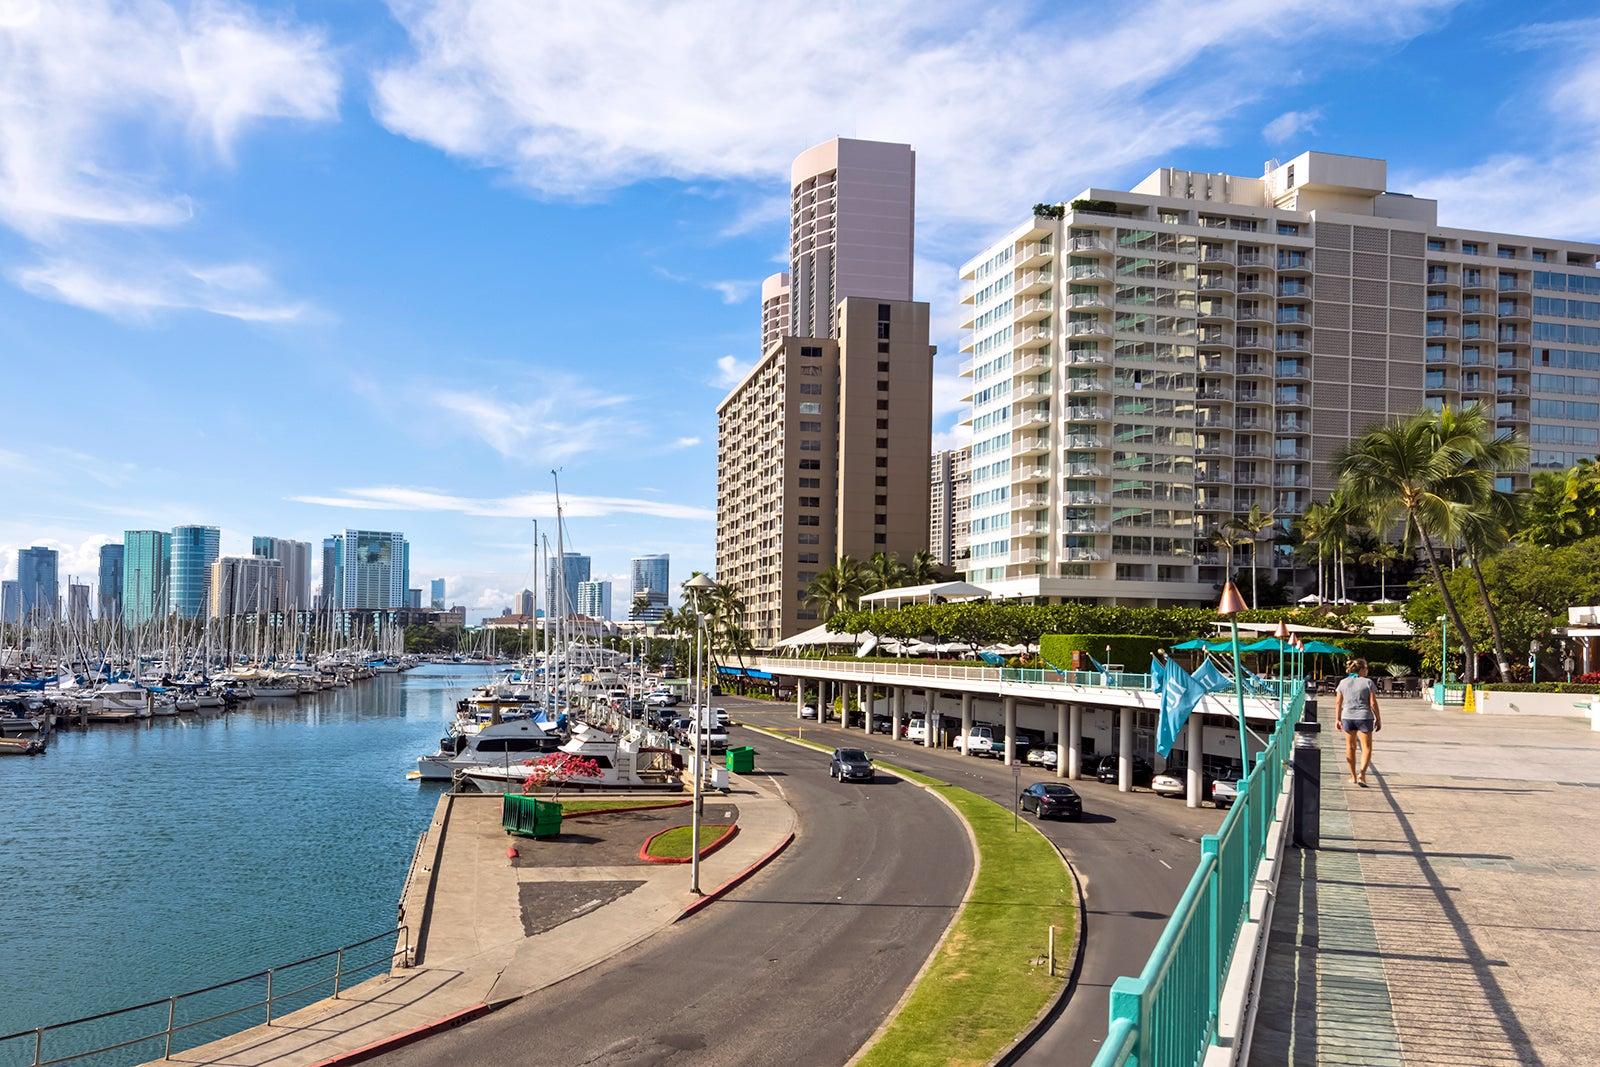 Contea Di Honolulu Hawaii kit da viaggio per honolulu - informazioni utili per il tuo